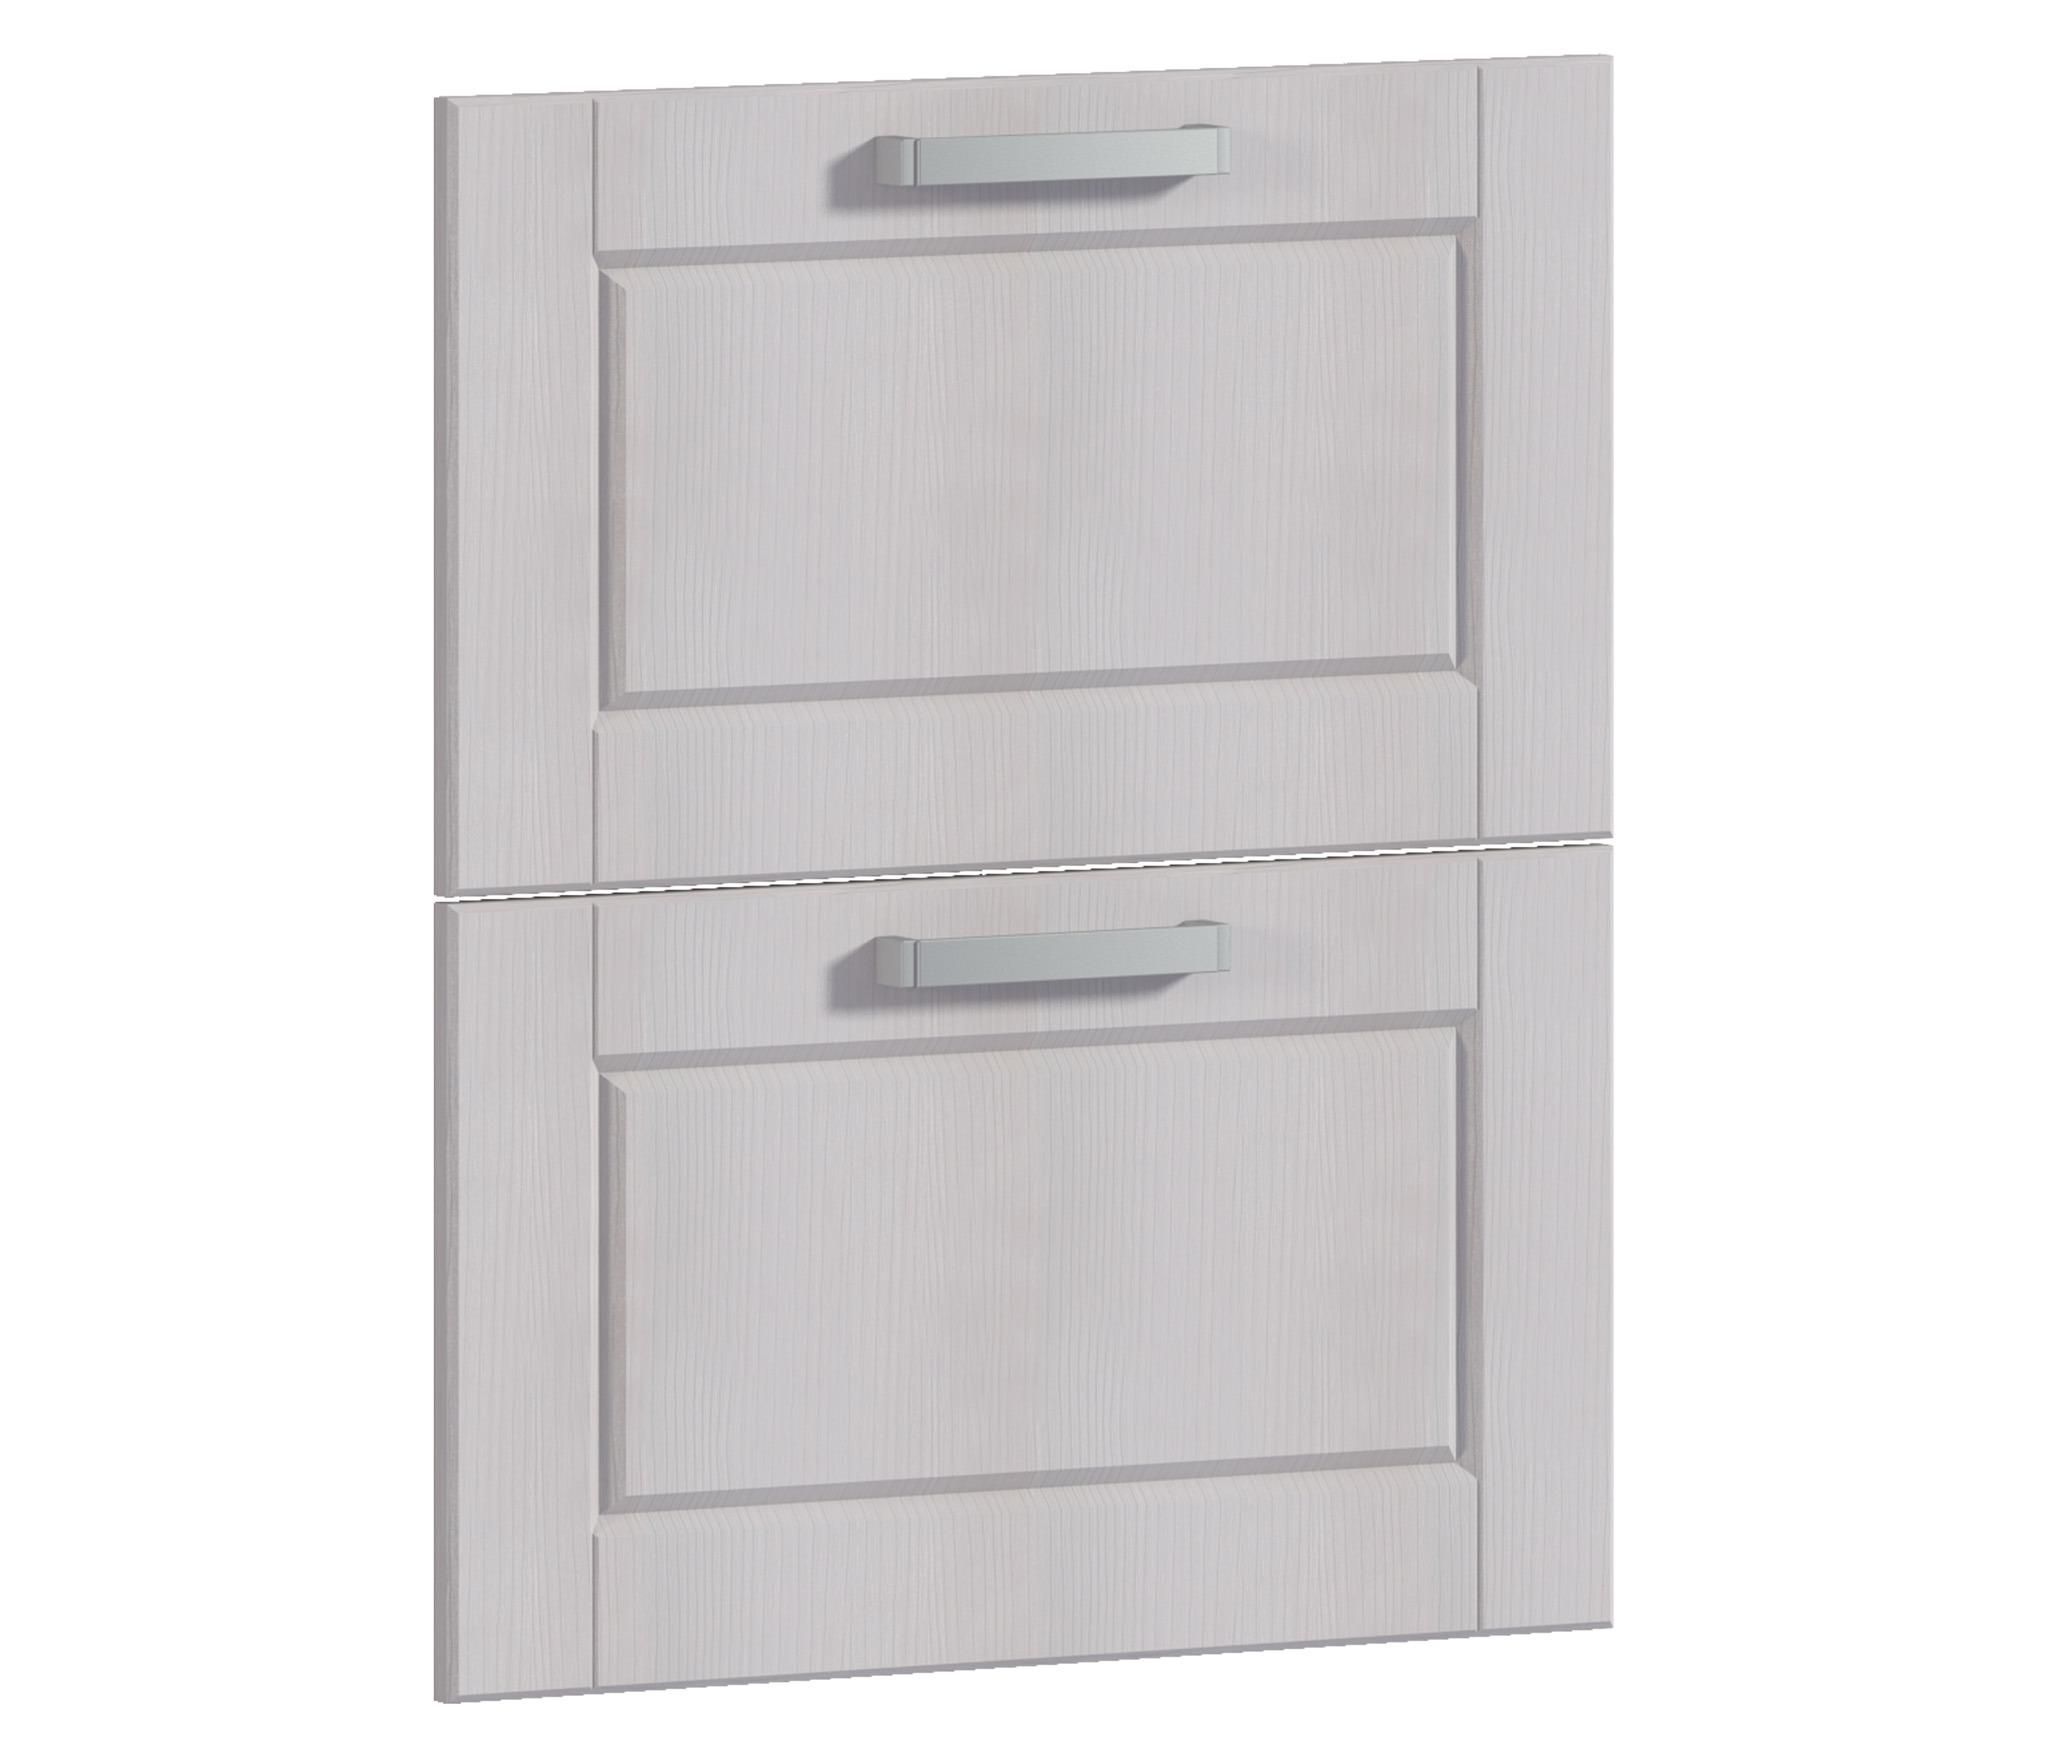 Фасад Регина Н-60 к корпусу РСЯ-60Мебель для кухни<br>Две панели с ручками для ящиков шкафа.<br><br>Длина мм: 596<br>Высота мм: 713<br>Глубина мм: 22